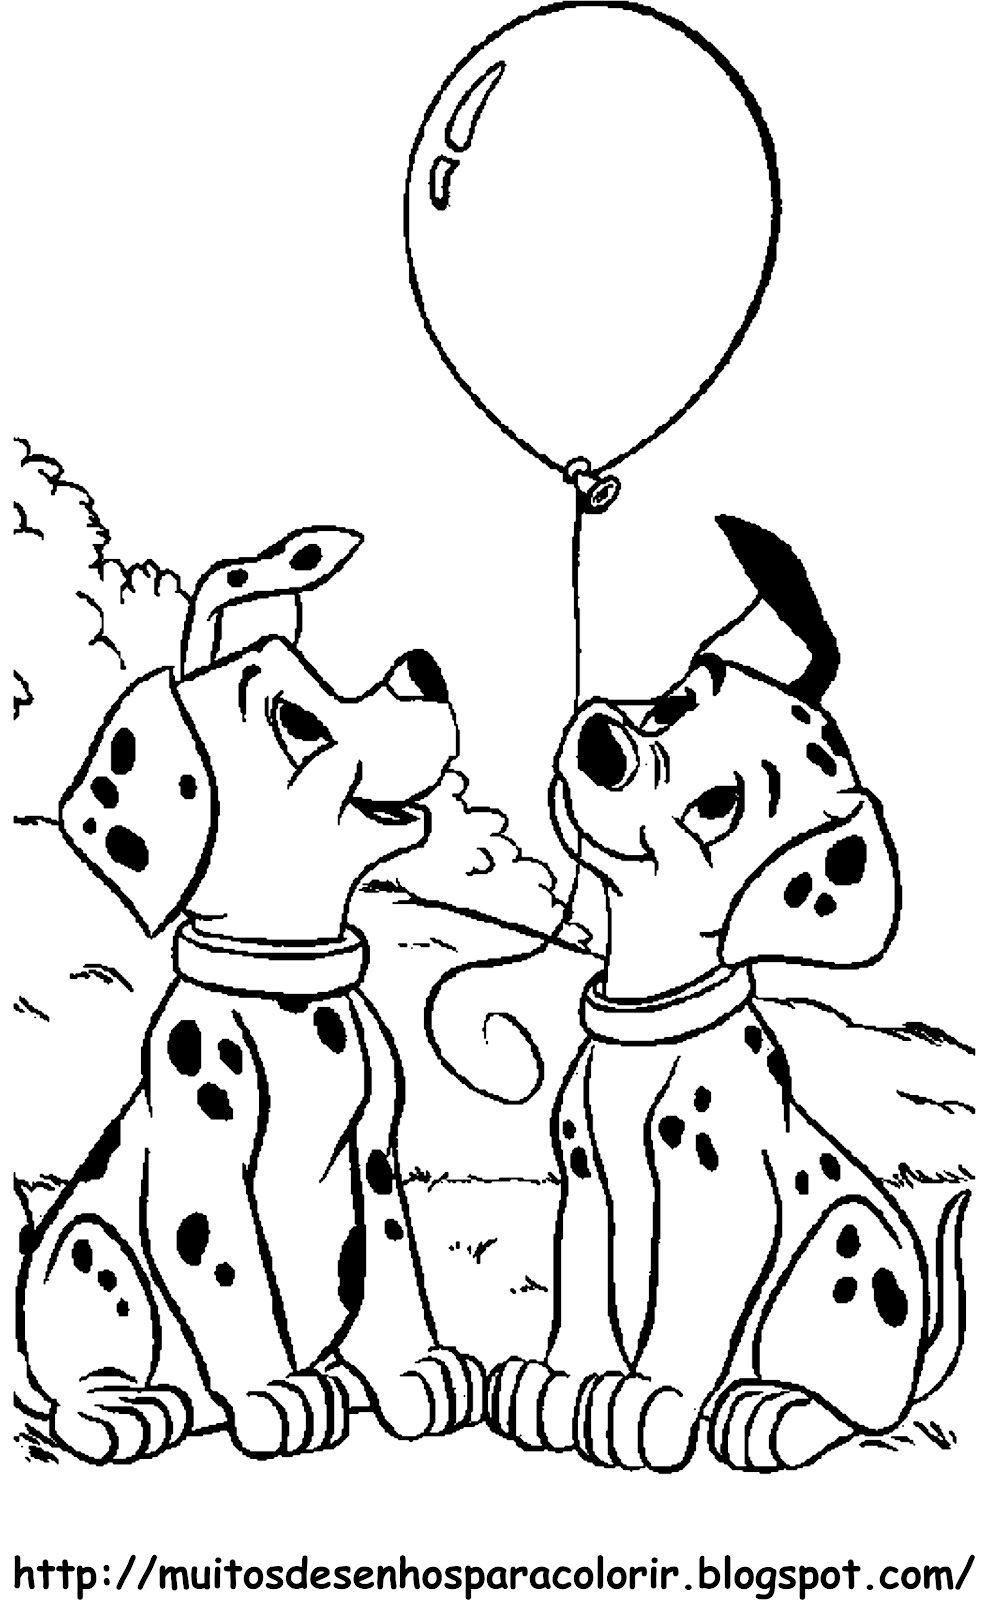 Desenhos Dos 101 Dalmatas Pampekids Net Com Imagens 101